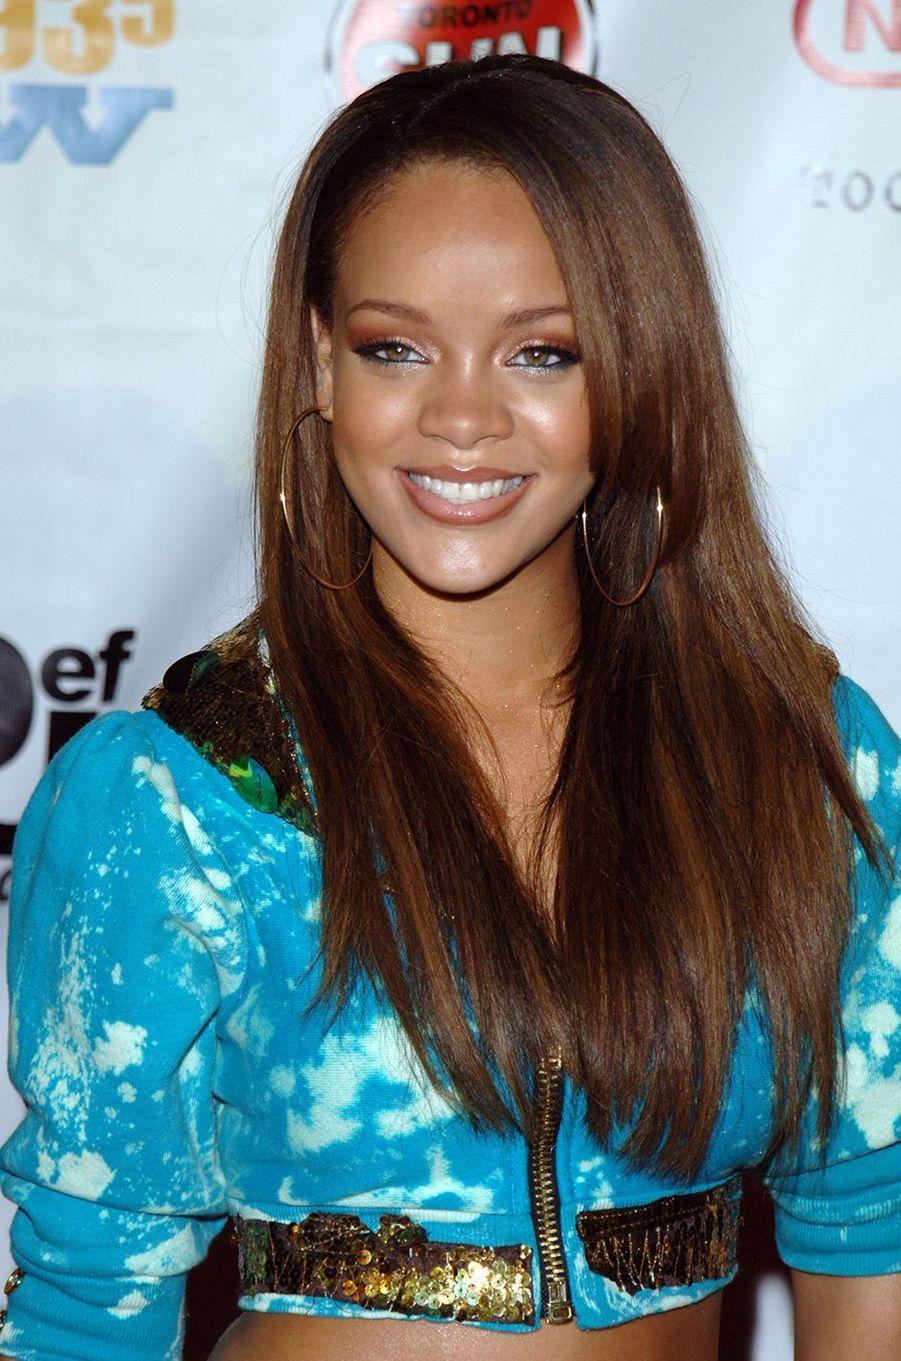 Rihanna lors d'un événement organisé par Jay-Z et son label Def Jam en juillet 2005